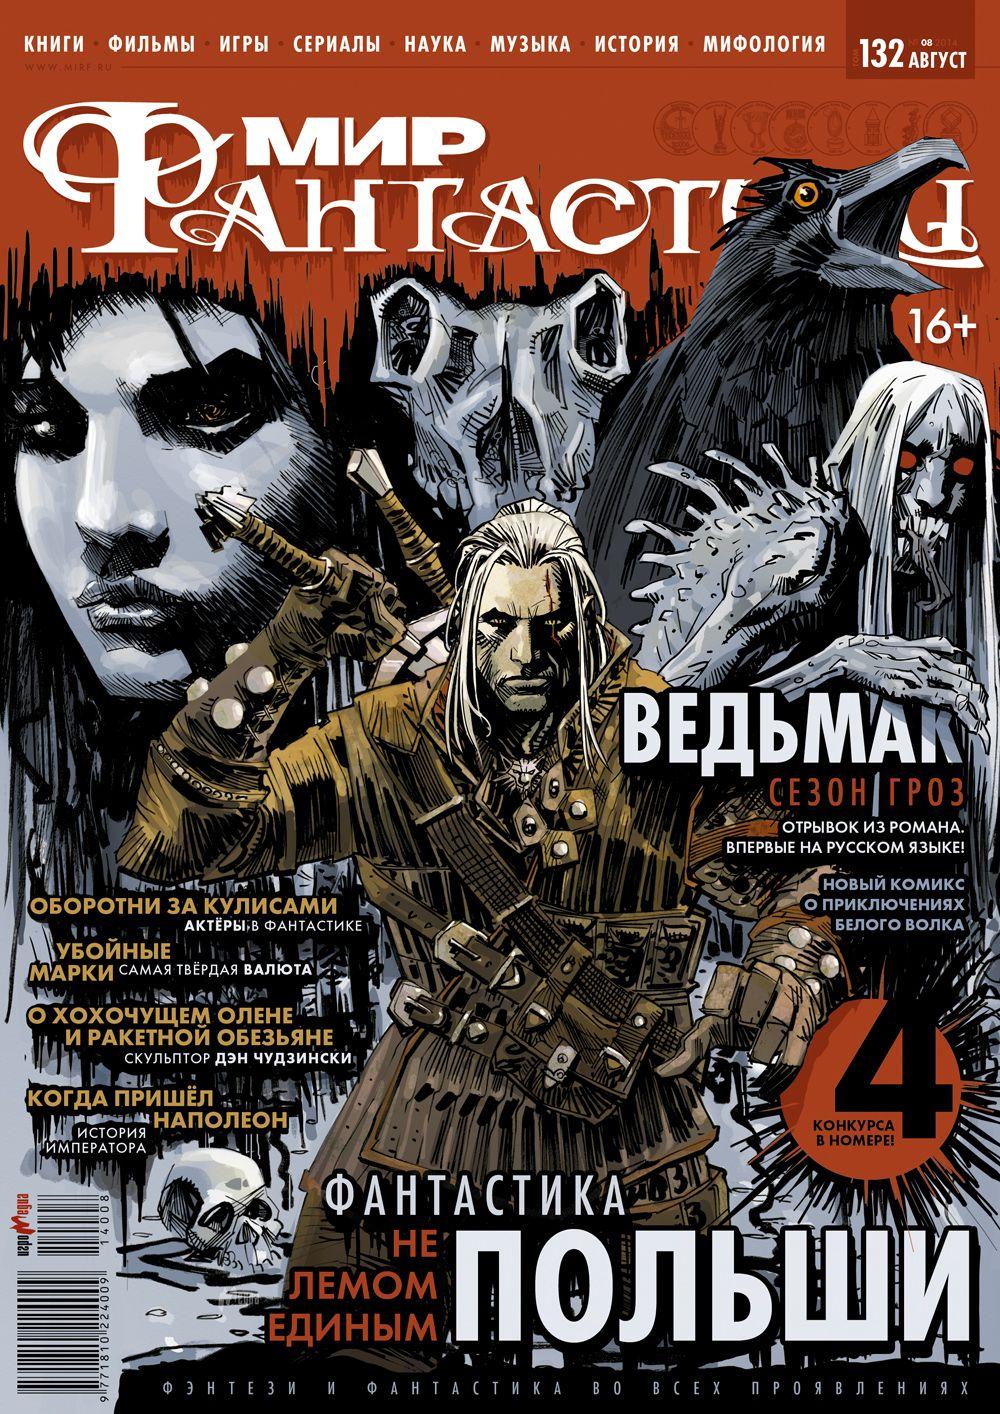 Архив номеров журнала «Мир фантастики» 134